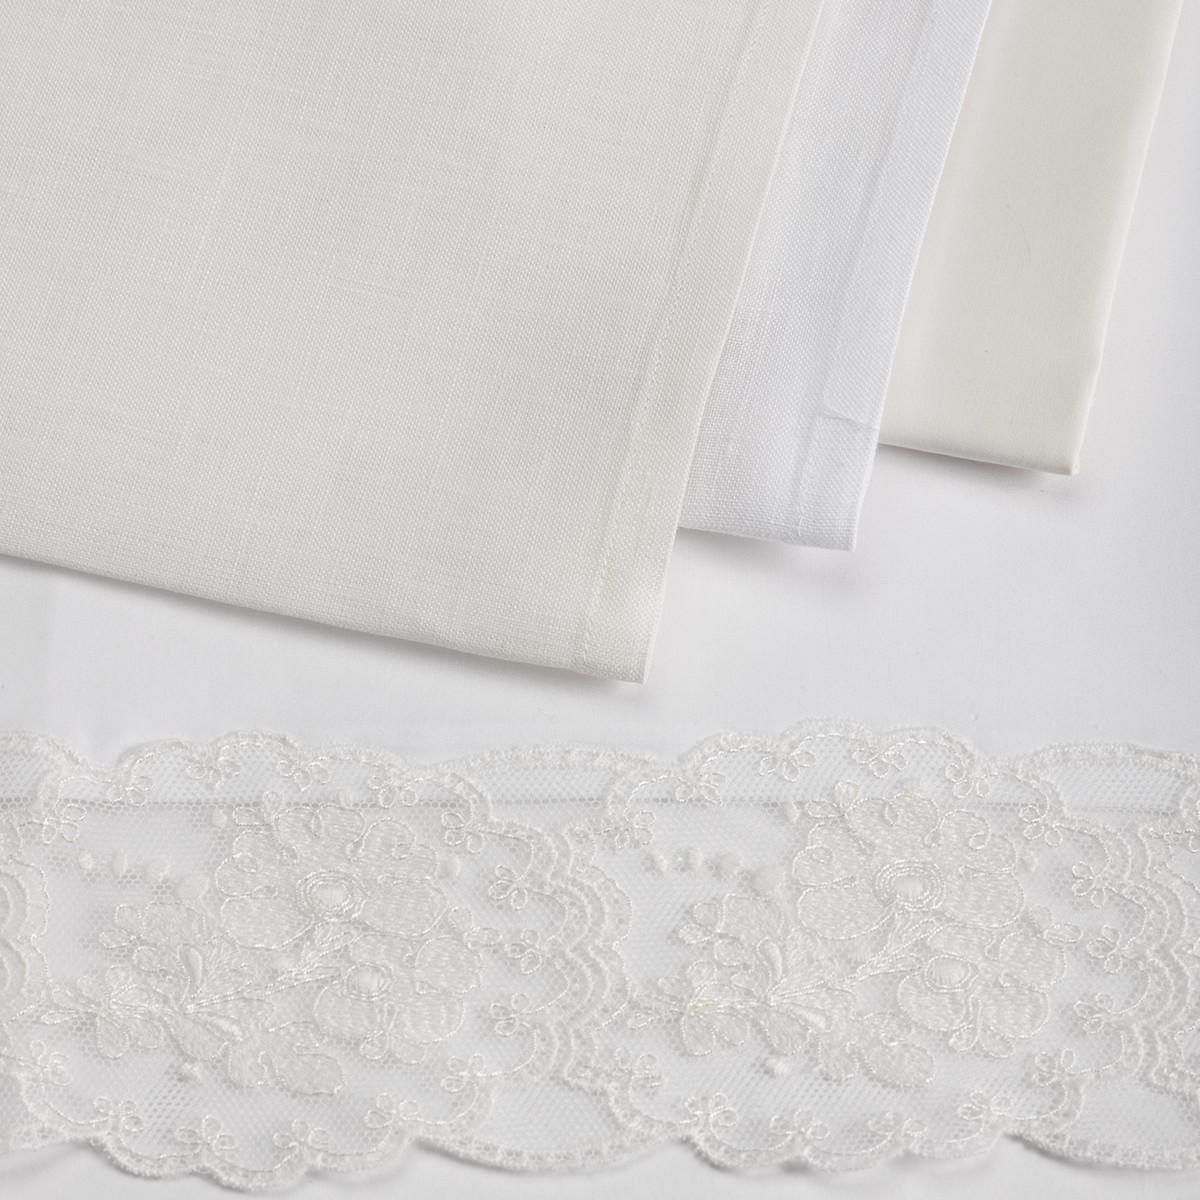 la-collezione-sogno-handmade-lace-table-linens_1_